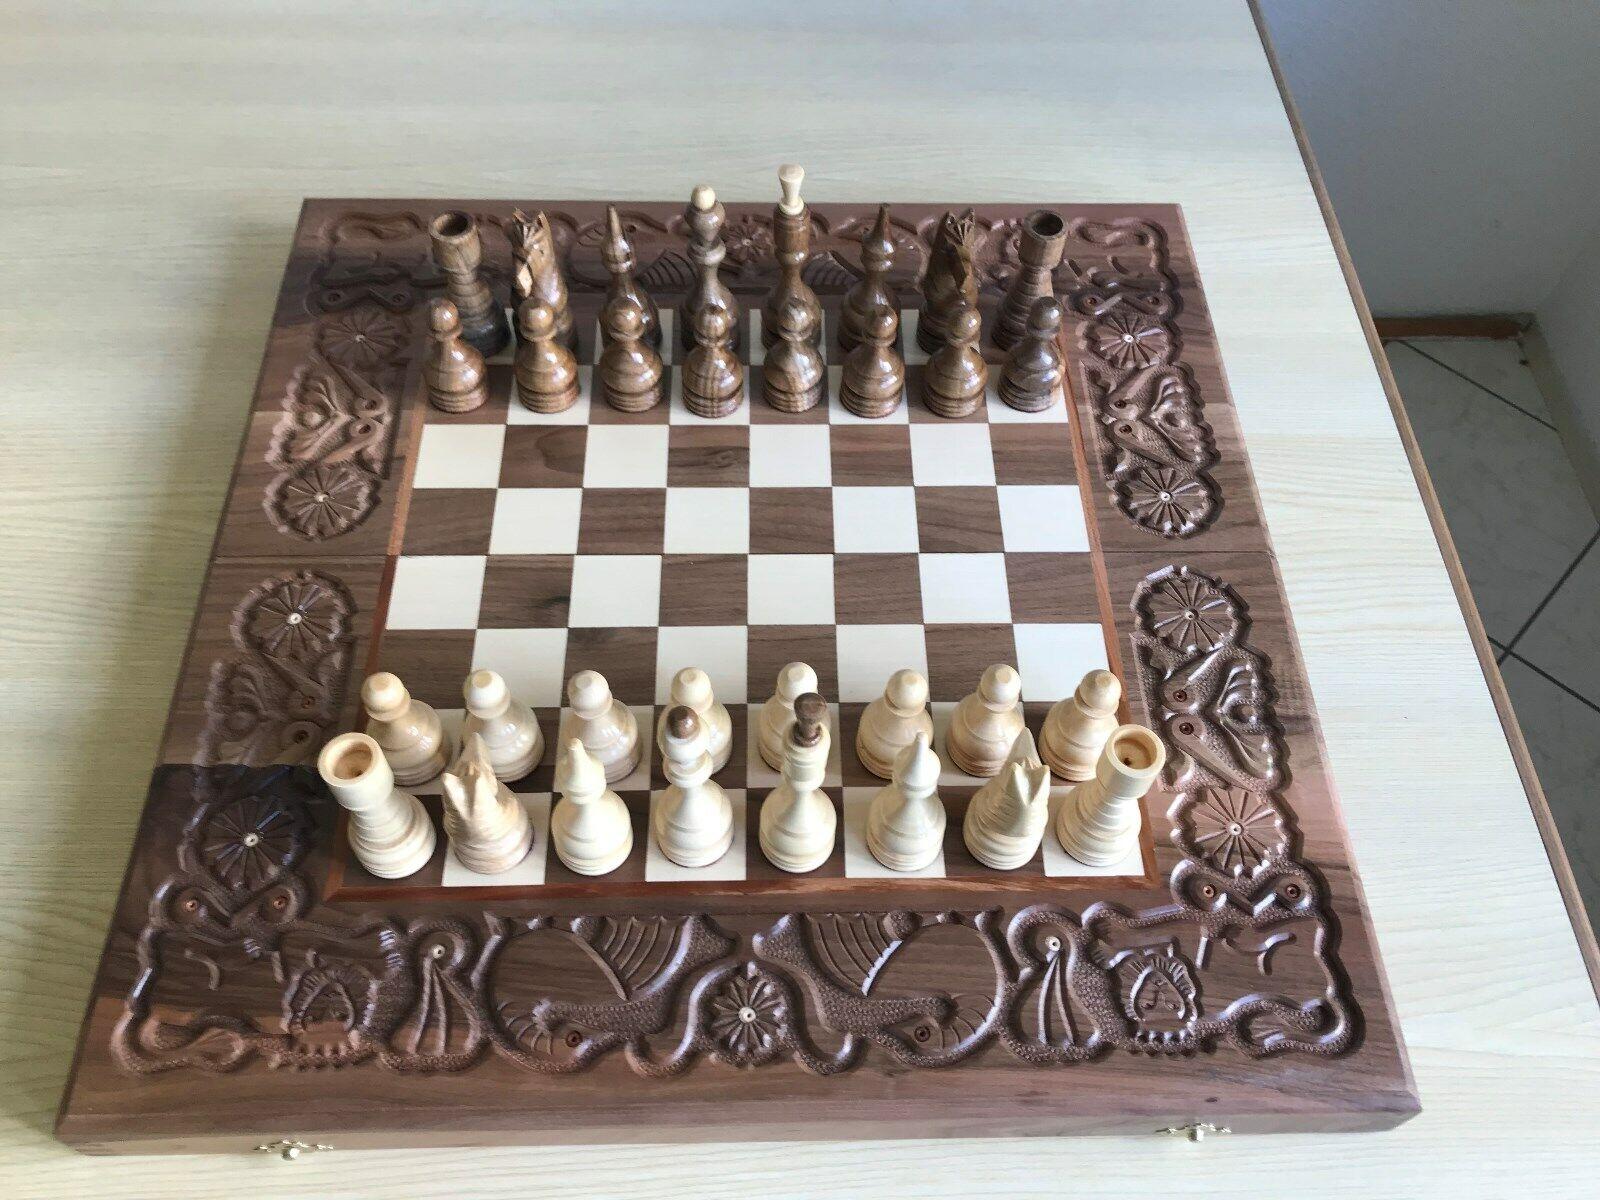 Schach Schach Schach Dame Backgammon Holz Schachfiguren Schachspiel klappbares Schachbrett 9be908